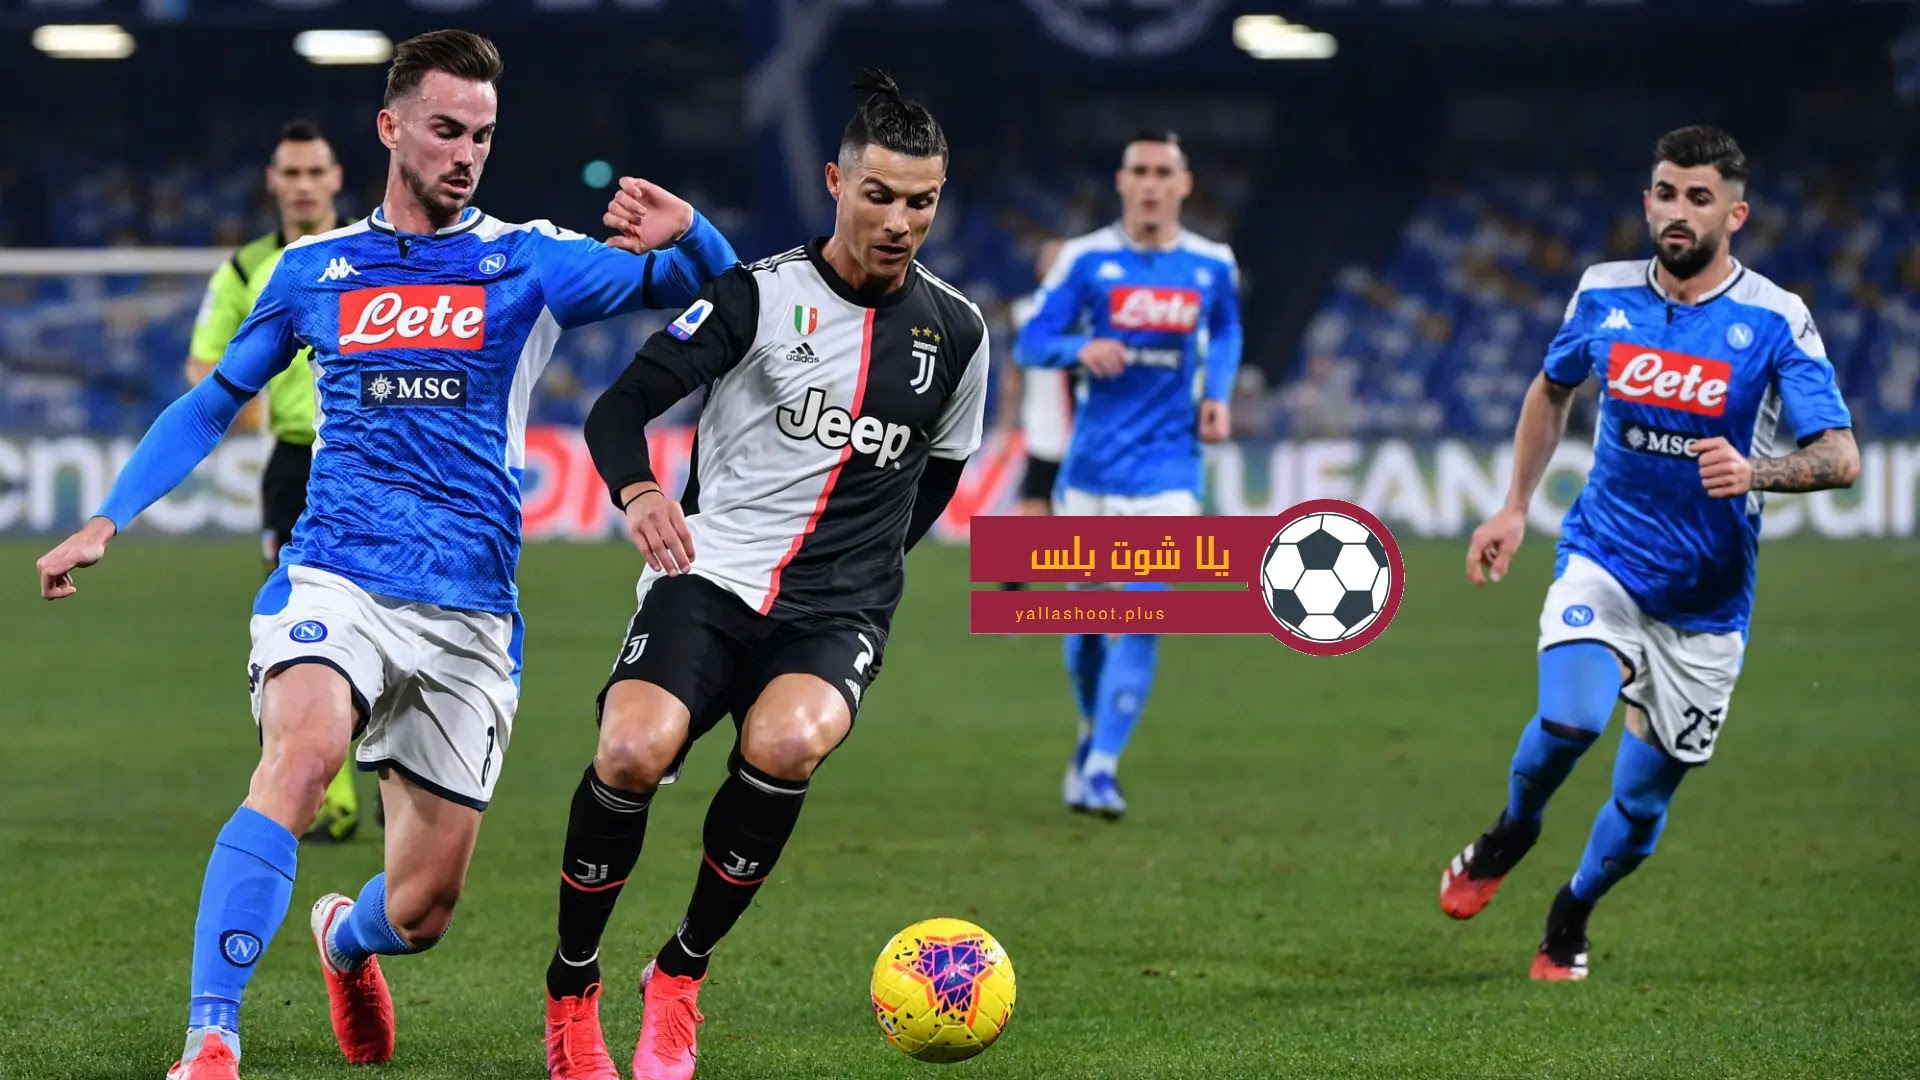 موعد مباراة يوفنتوس ونابولي في الدوري الايطالي وجولته الثانية والعشرون